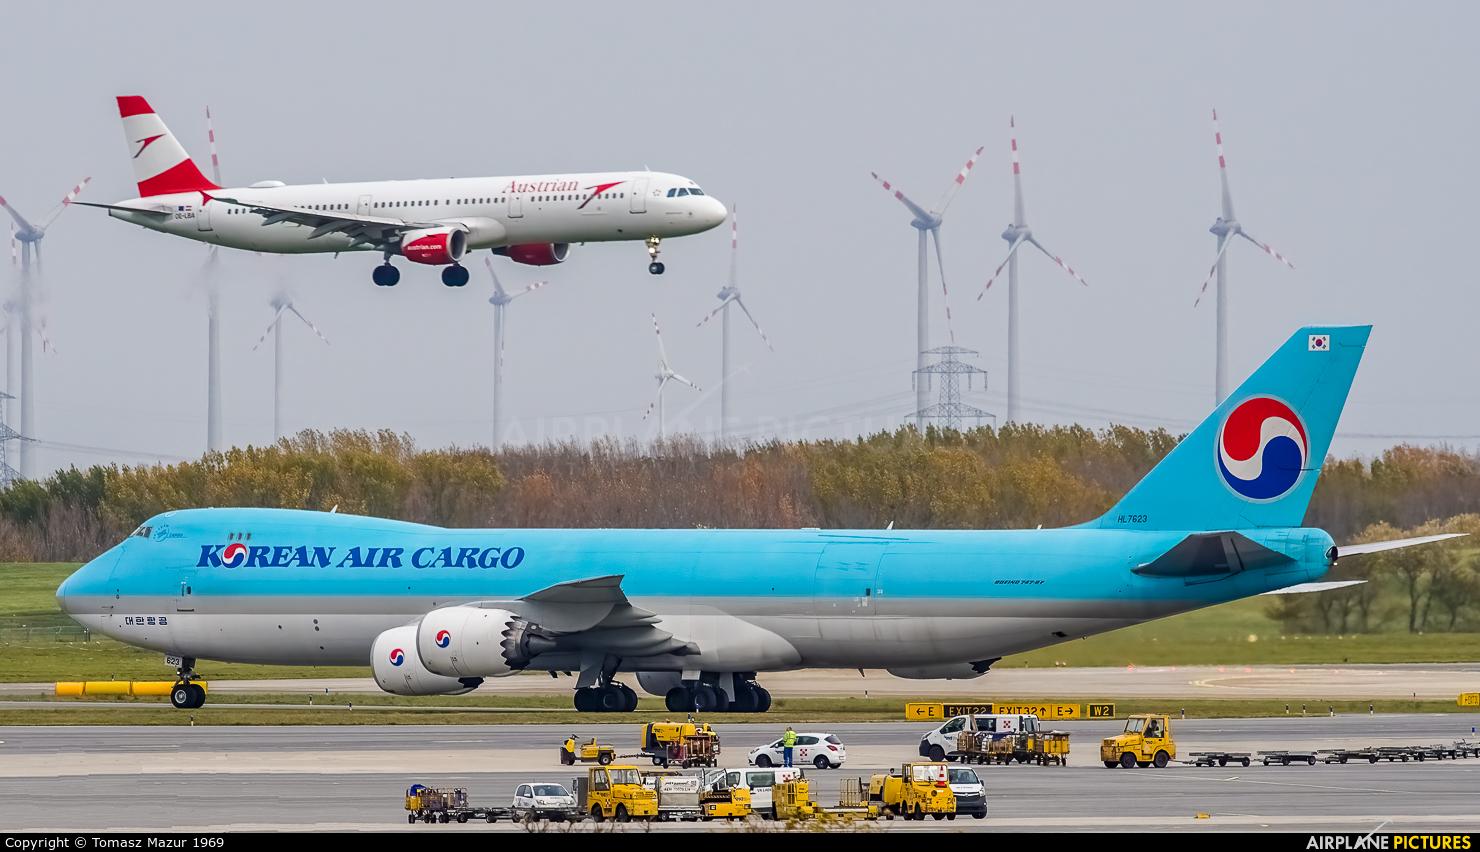 Korean Air Cargo HL7623 aircraft at Vienna - Schwechat